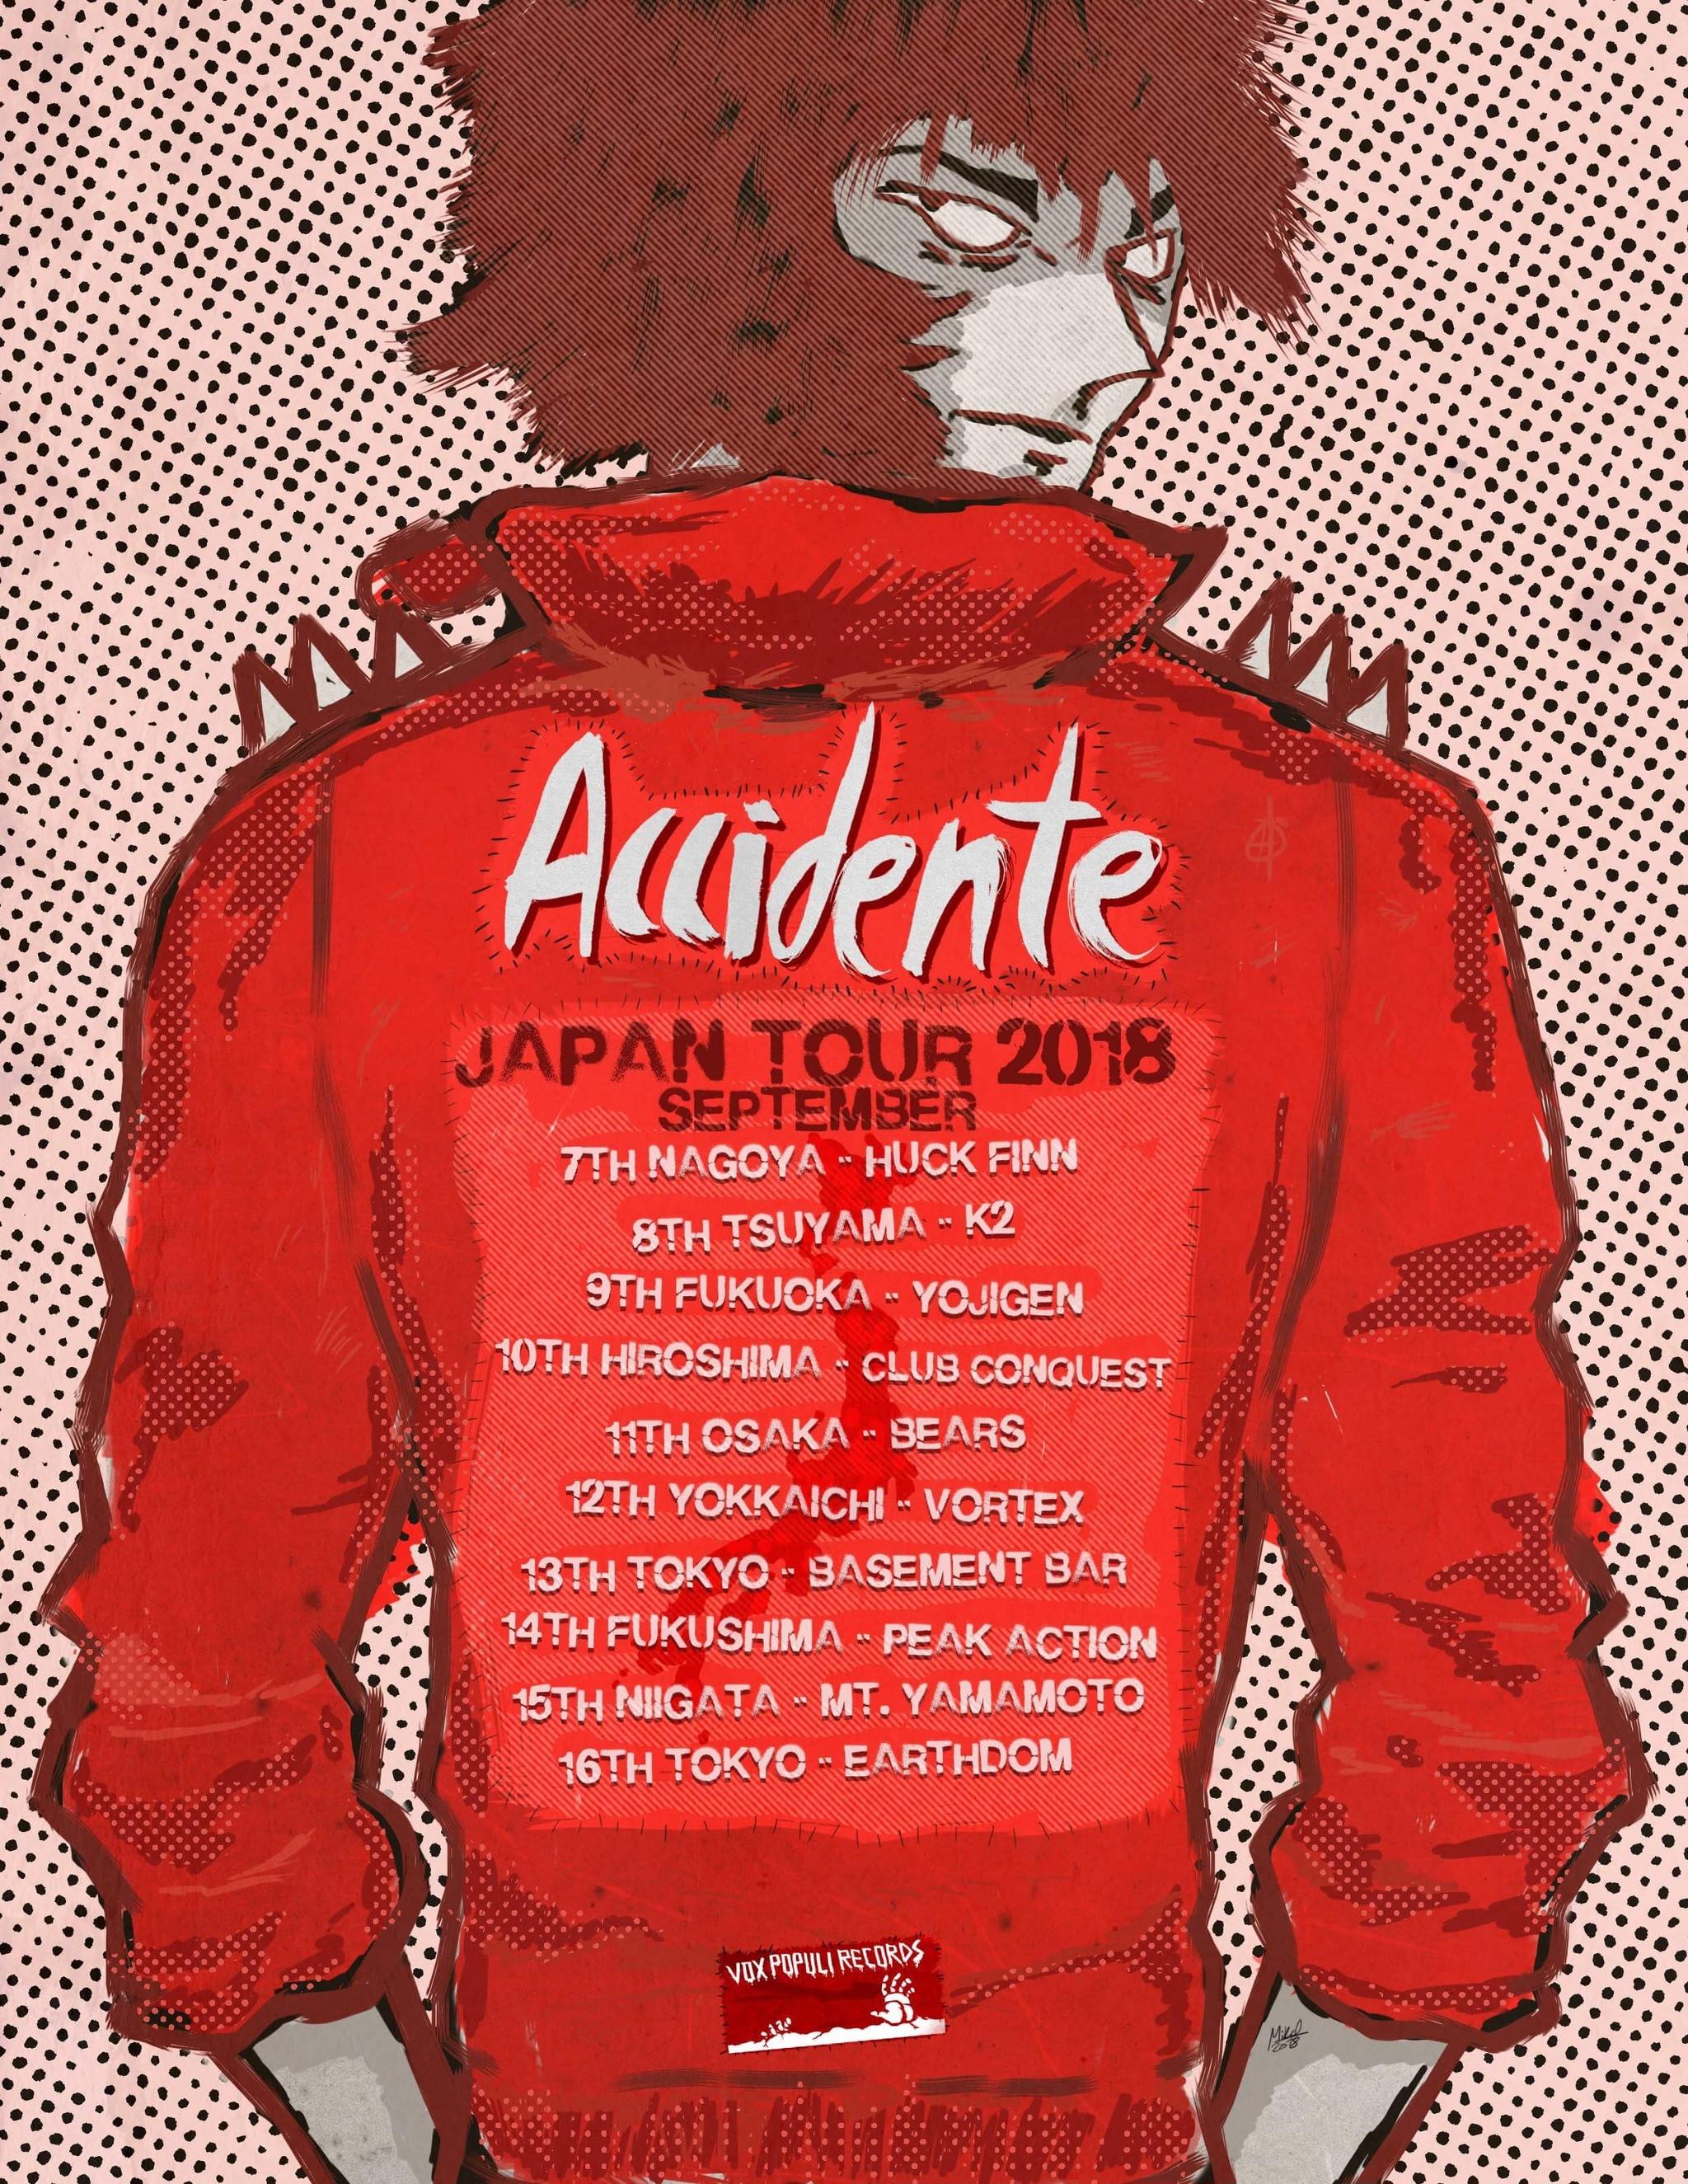 「ACCIDENTE JAPAN TOUR」の画像検索結果